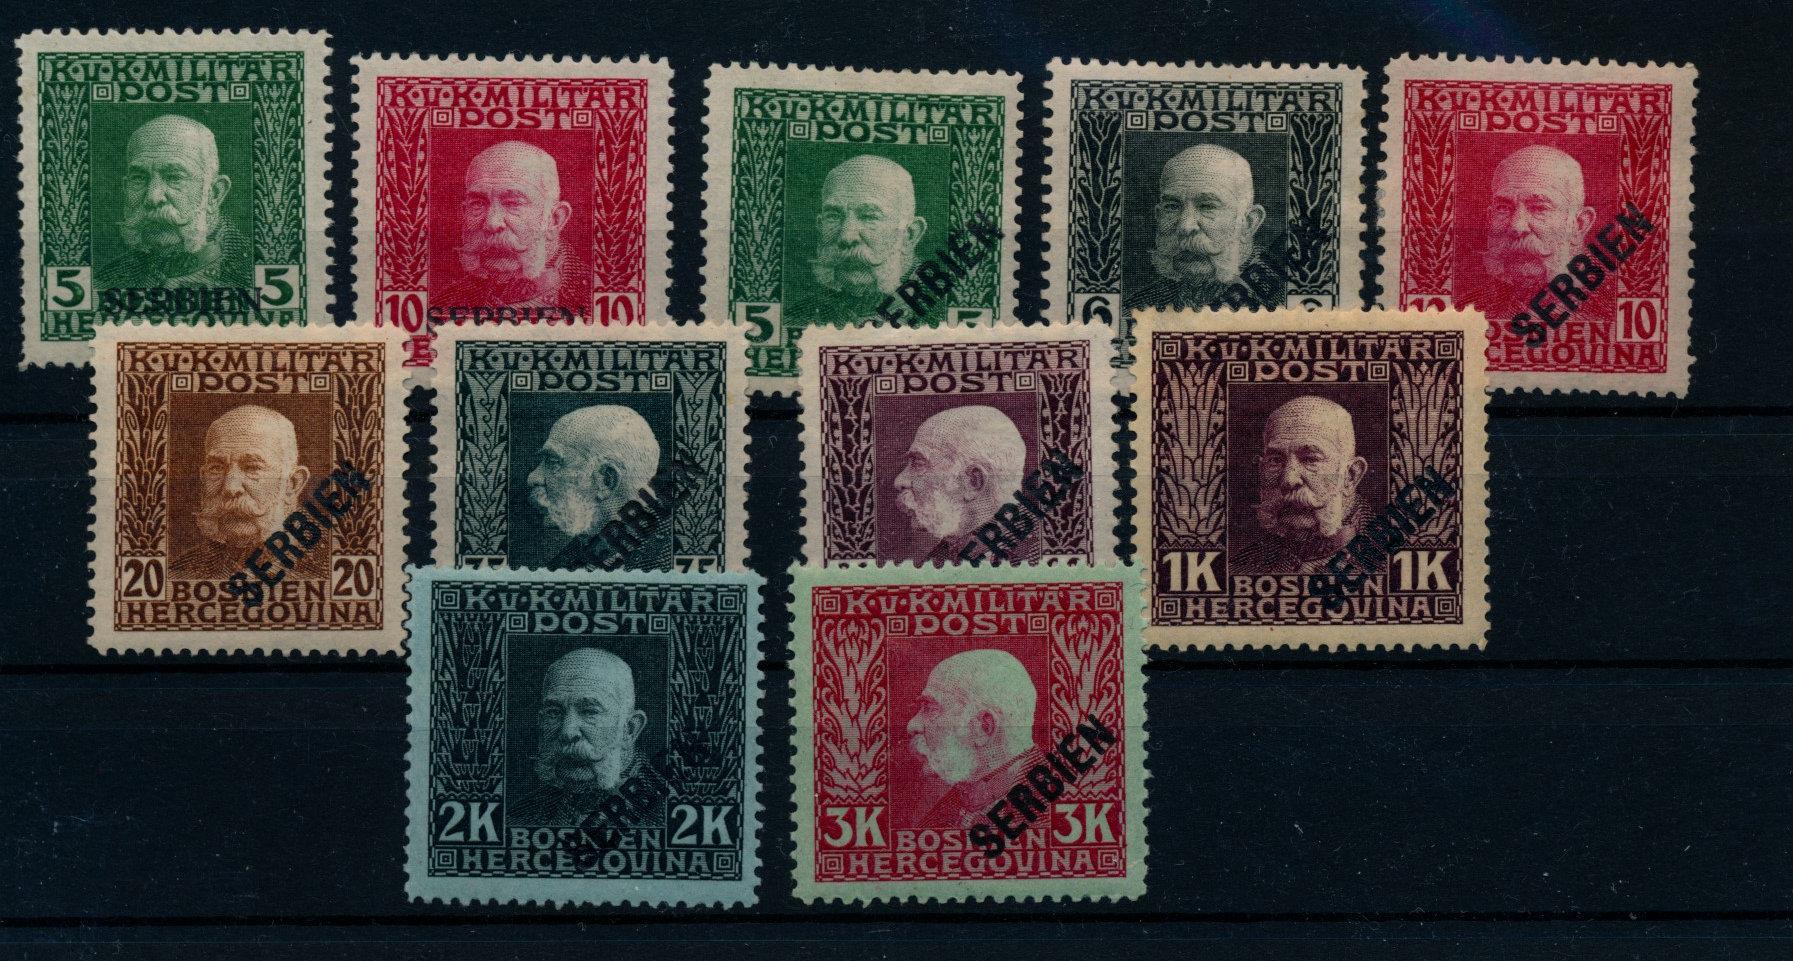 FELDPOST SERBIEN 1916 22-42 Satz-teil, ungebraucht * - Eberau, Österreich - Money back. - Eberau, Österreich